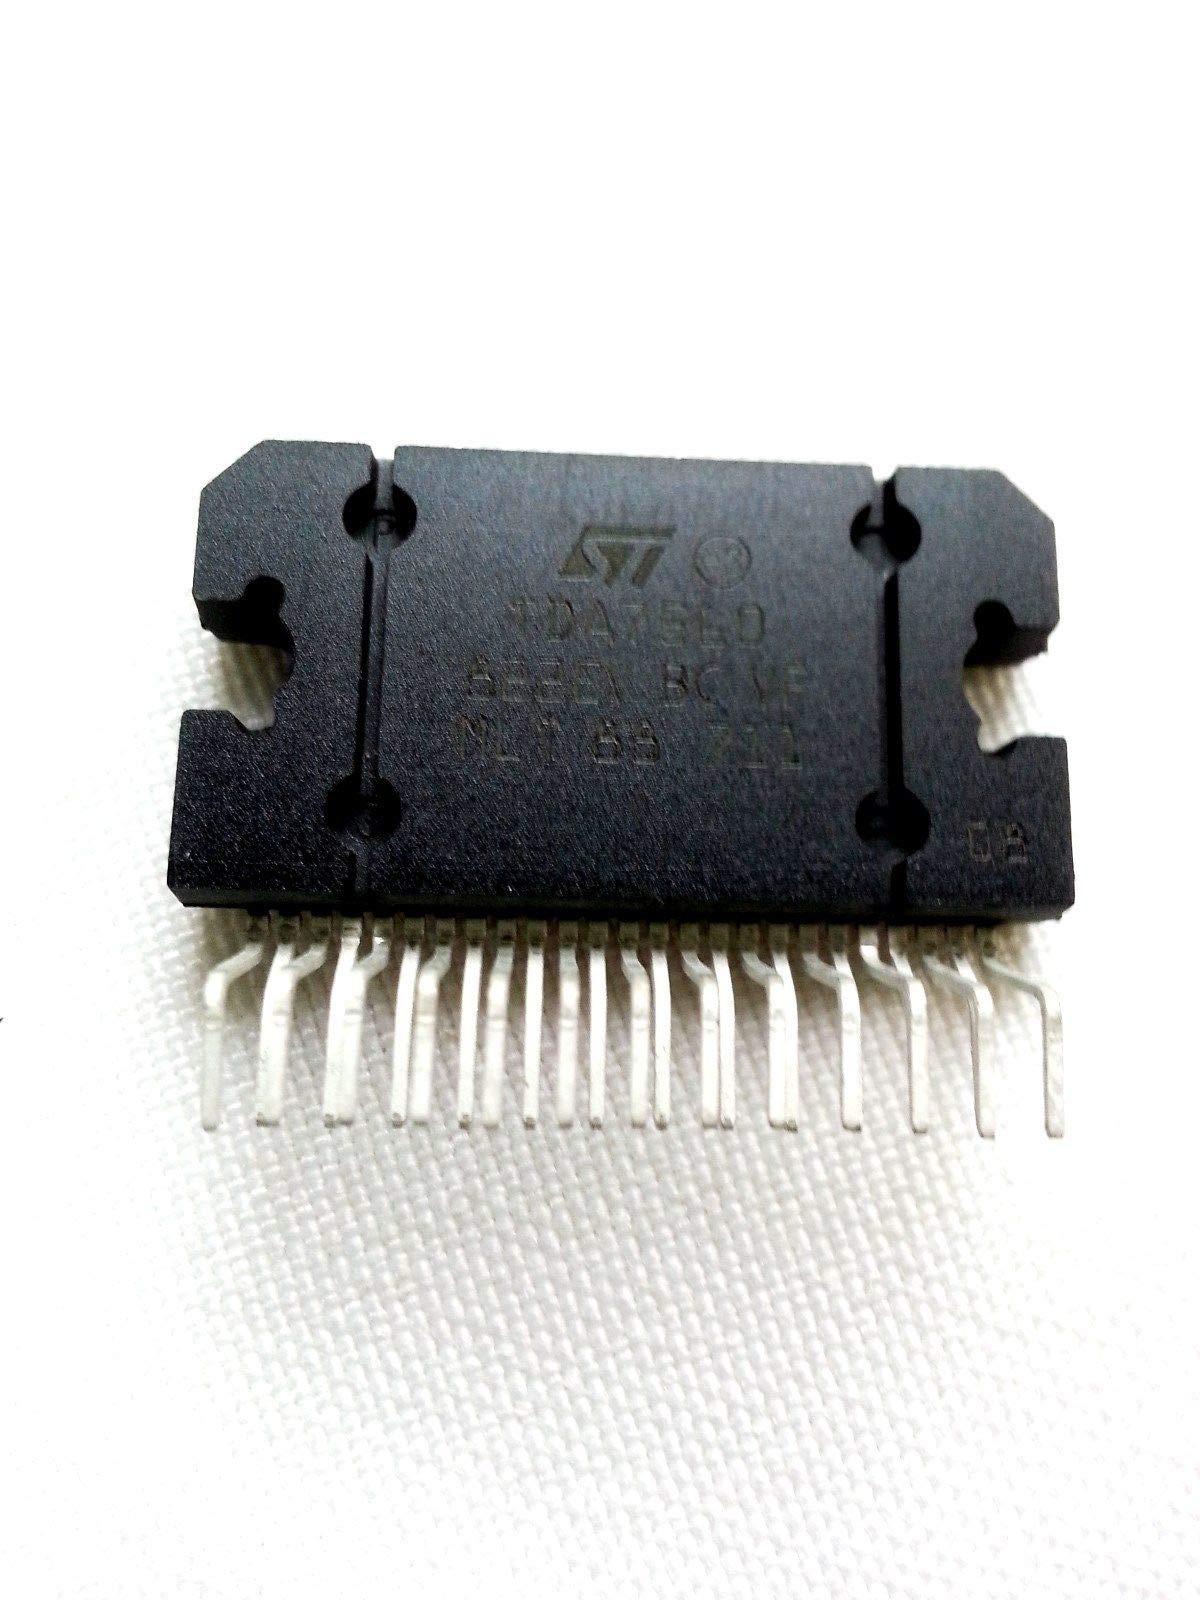 TDA7560 + 1g of Heat Sink Compound